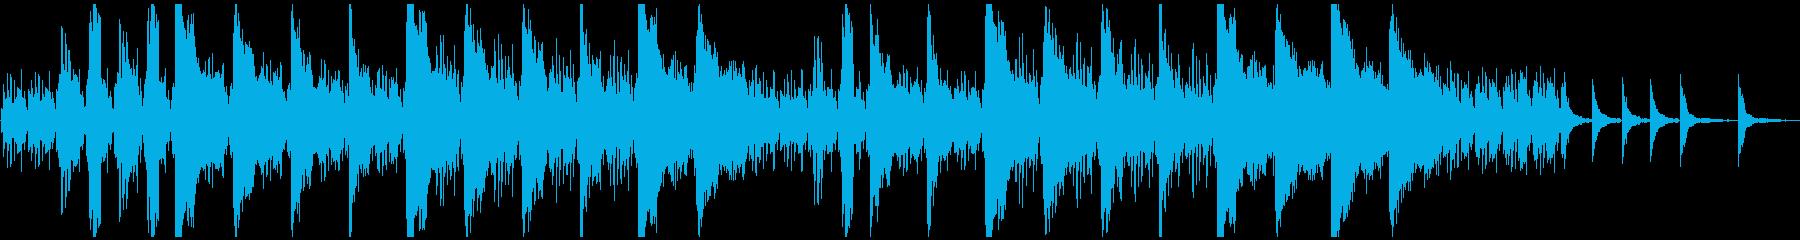 ピアノとストリングスのホラー系BGMの再生済みの波形